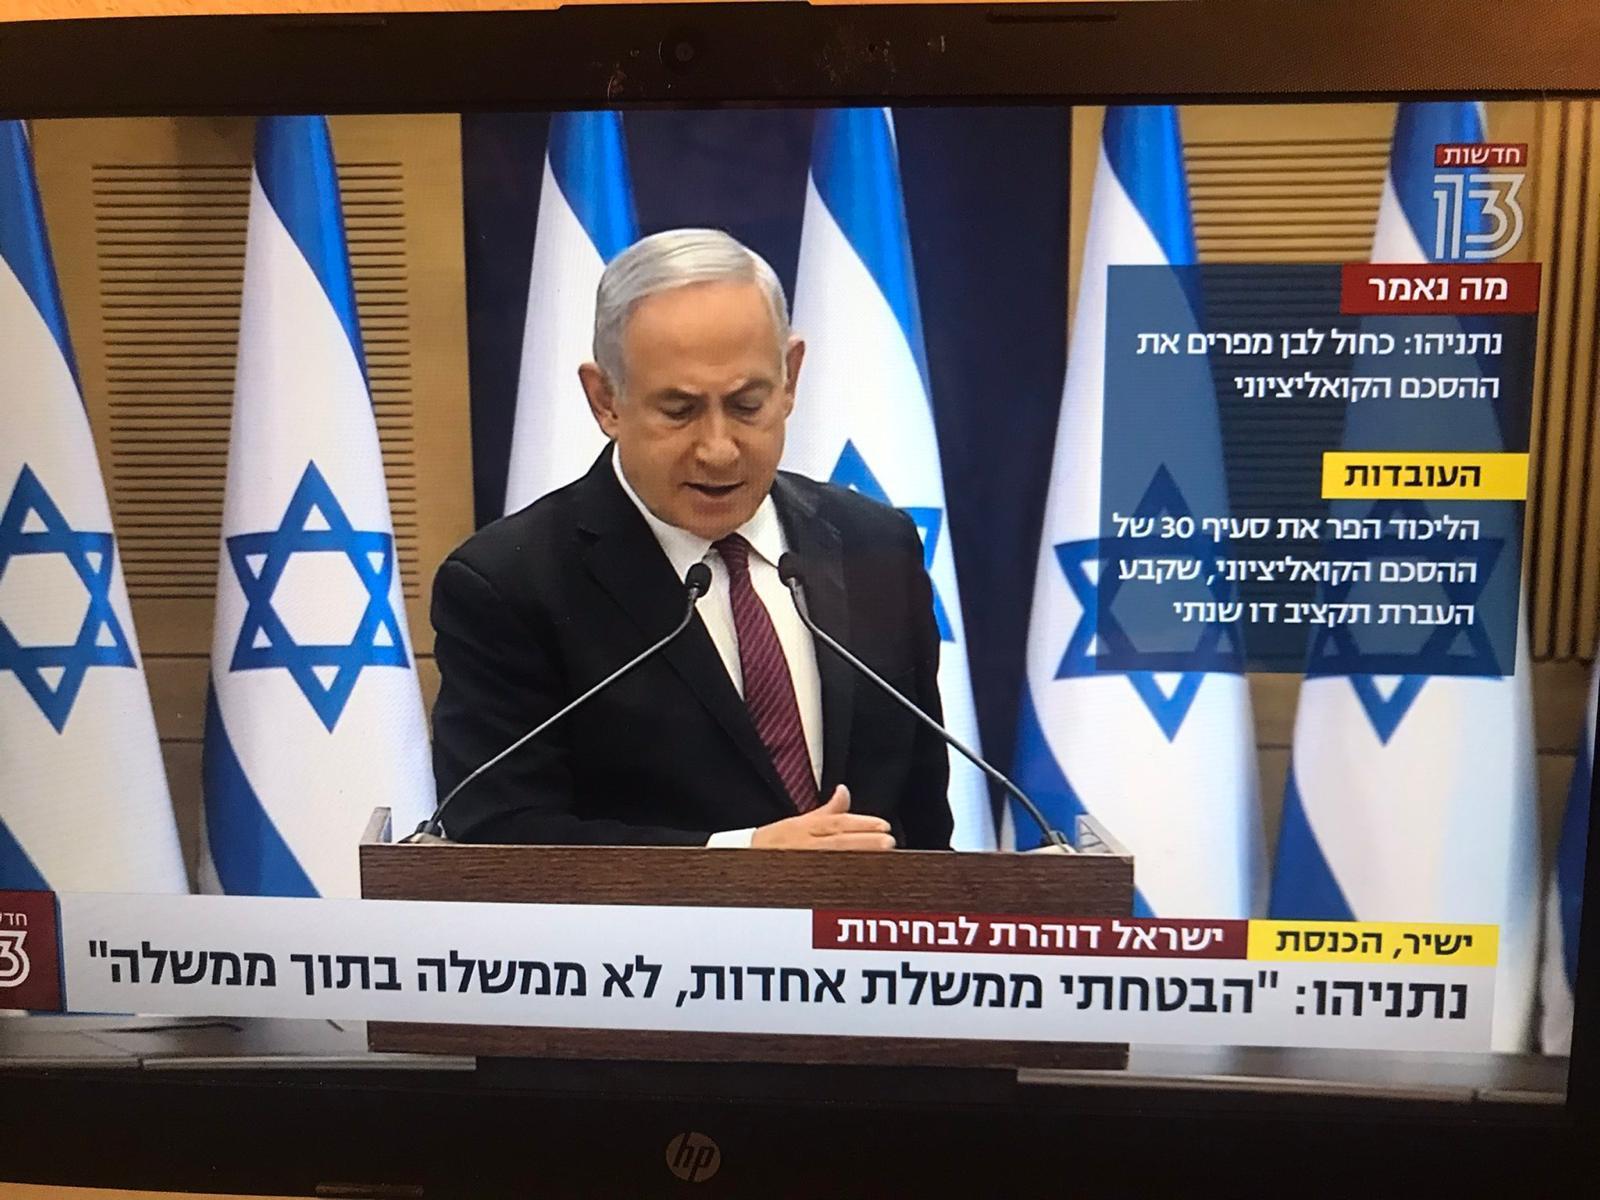 השידור של נאום נתניהו בחדשות 13 / צילום: צילום מסך - חדשות 13